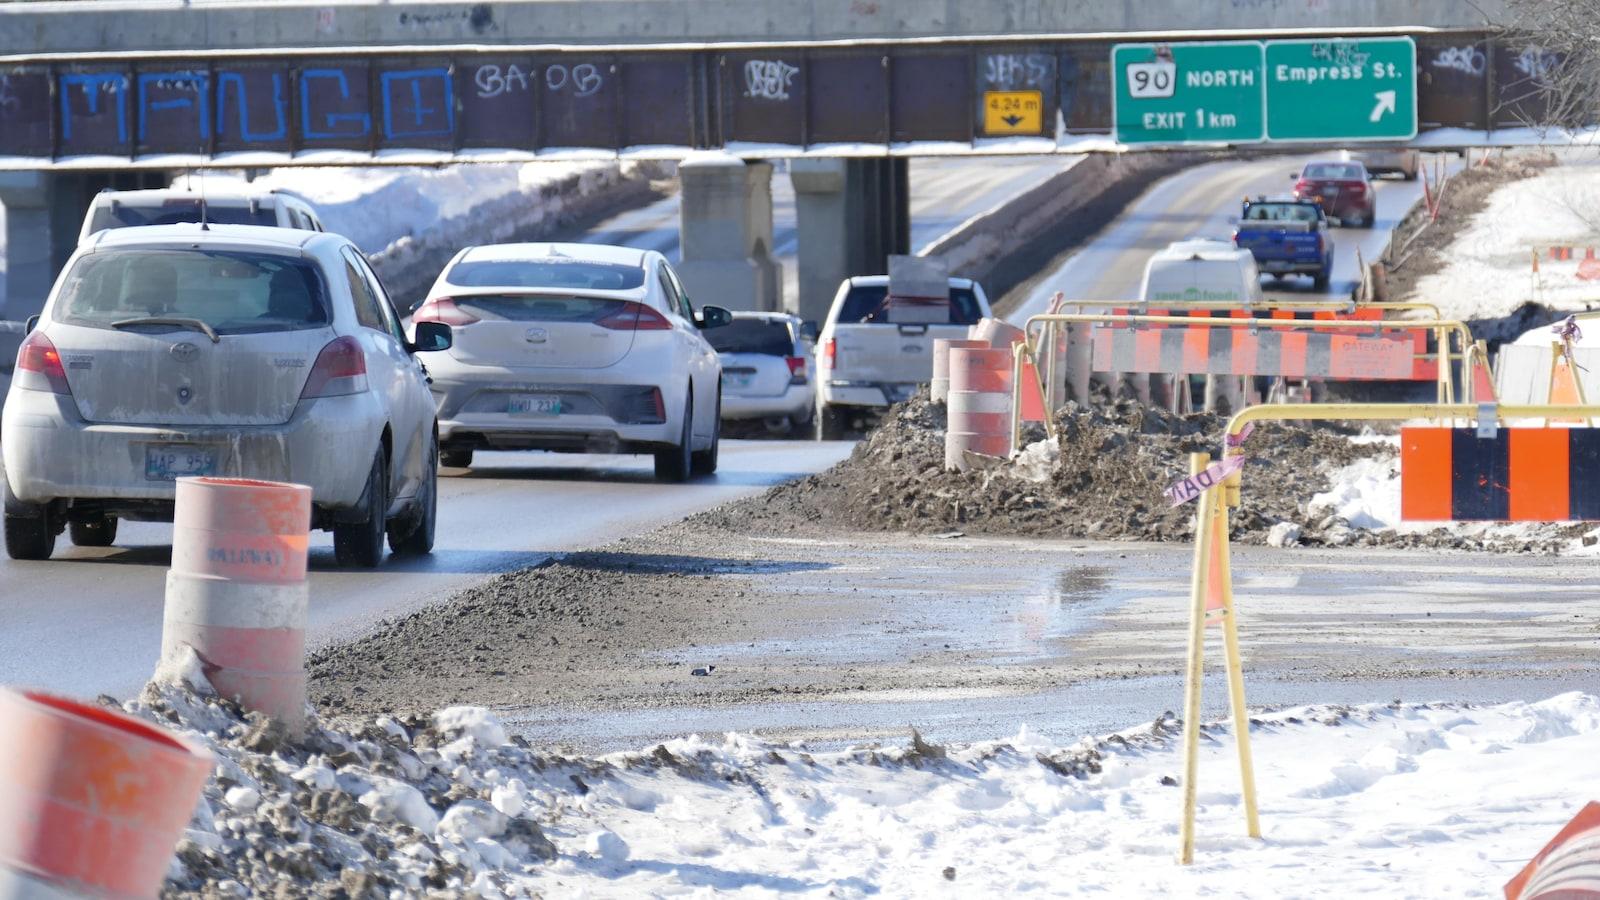 Des voitures circulent en hiver sur une route où il y a des travaux.